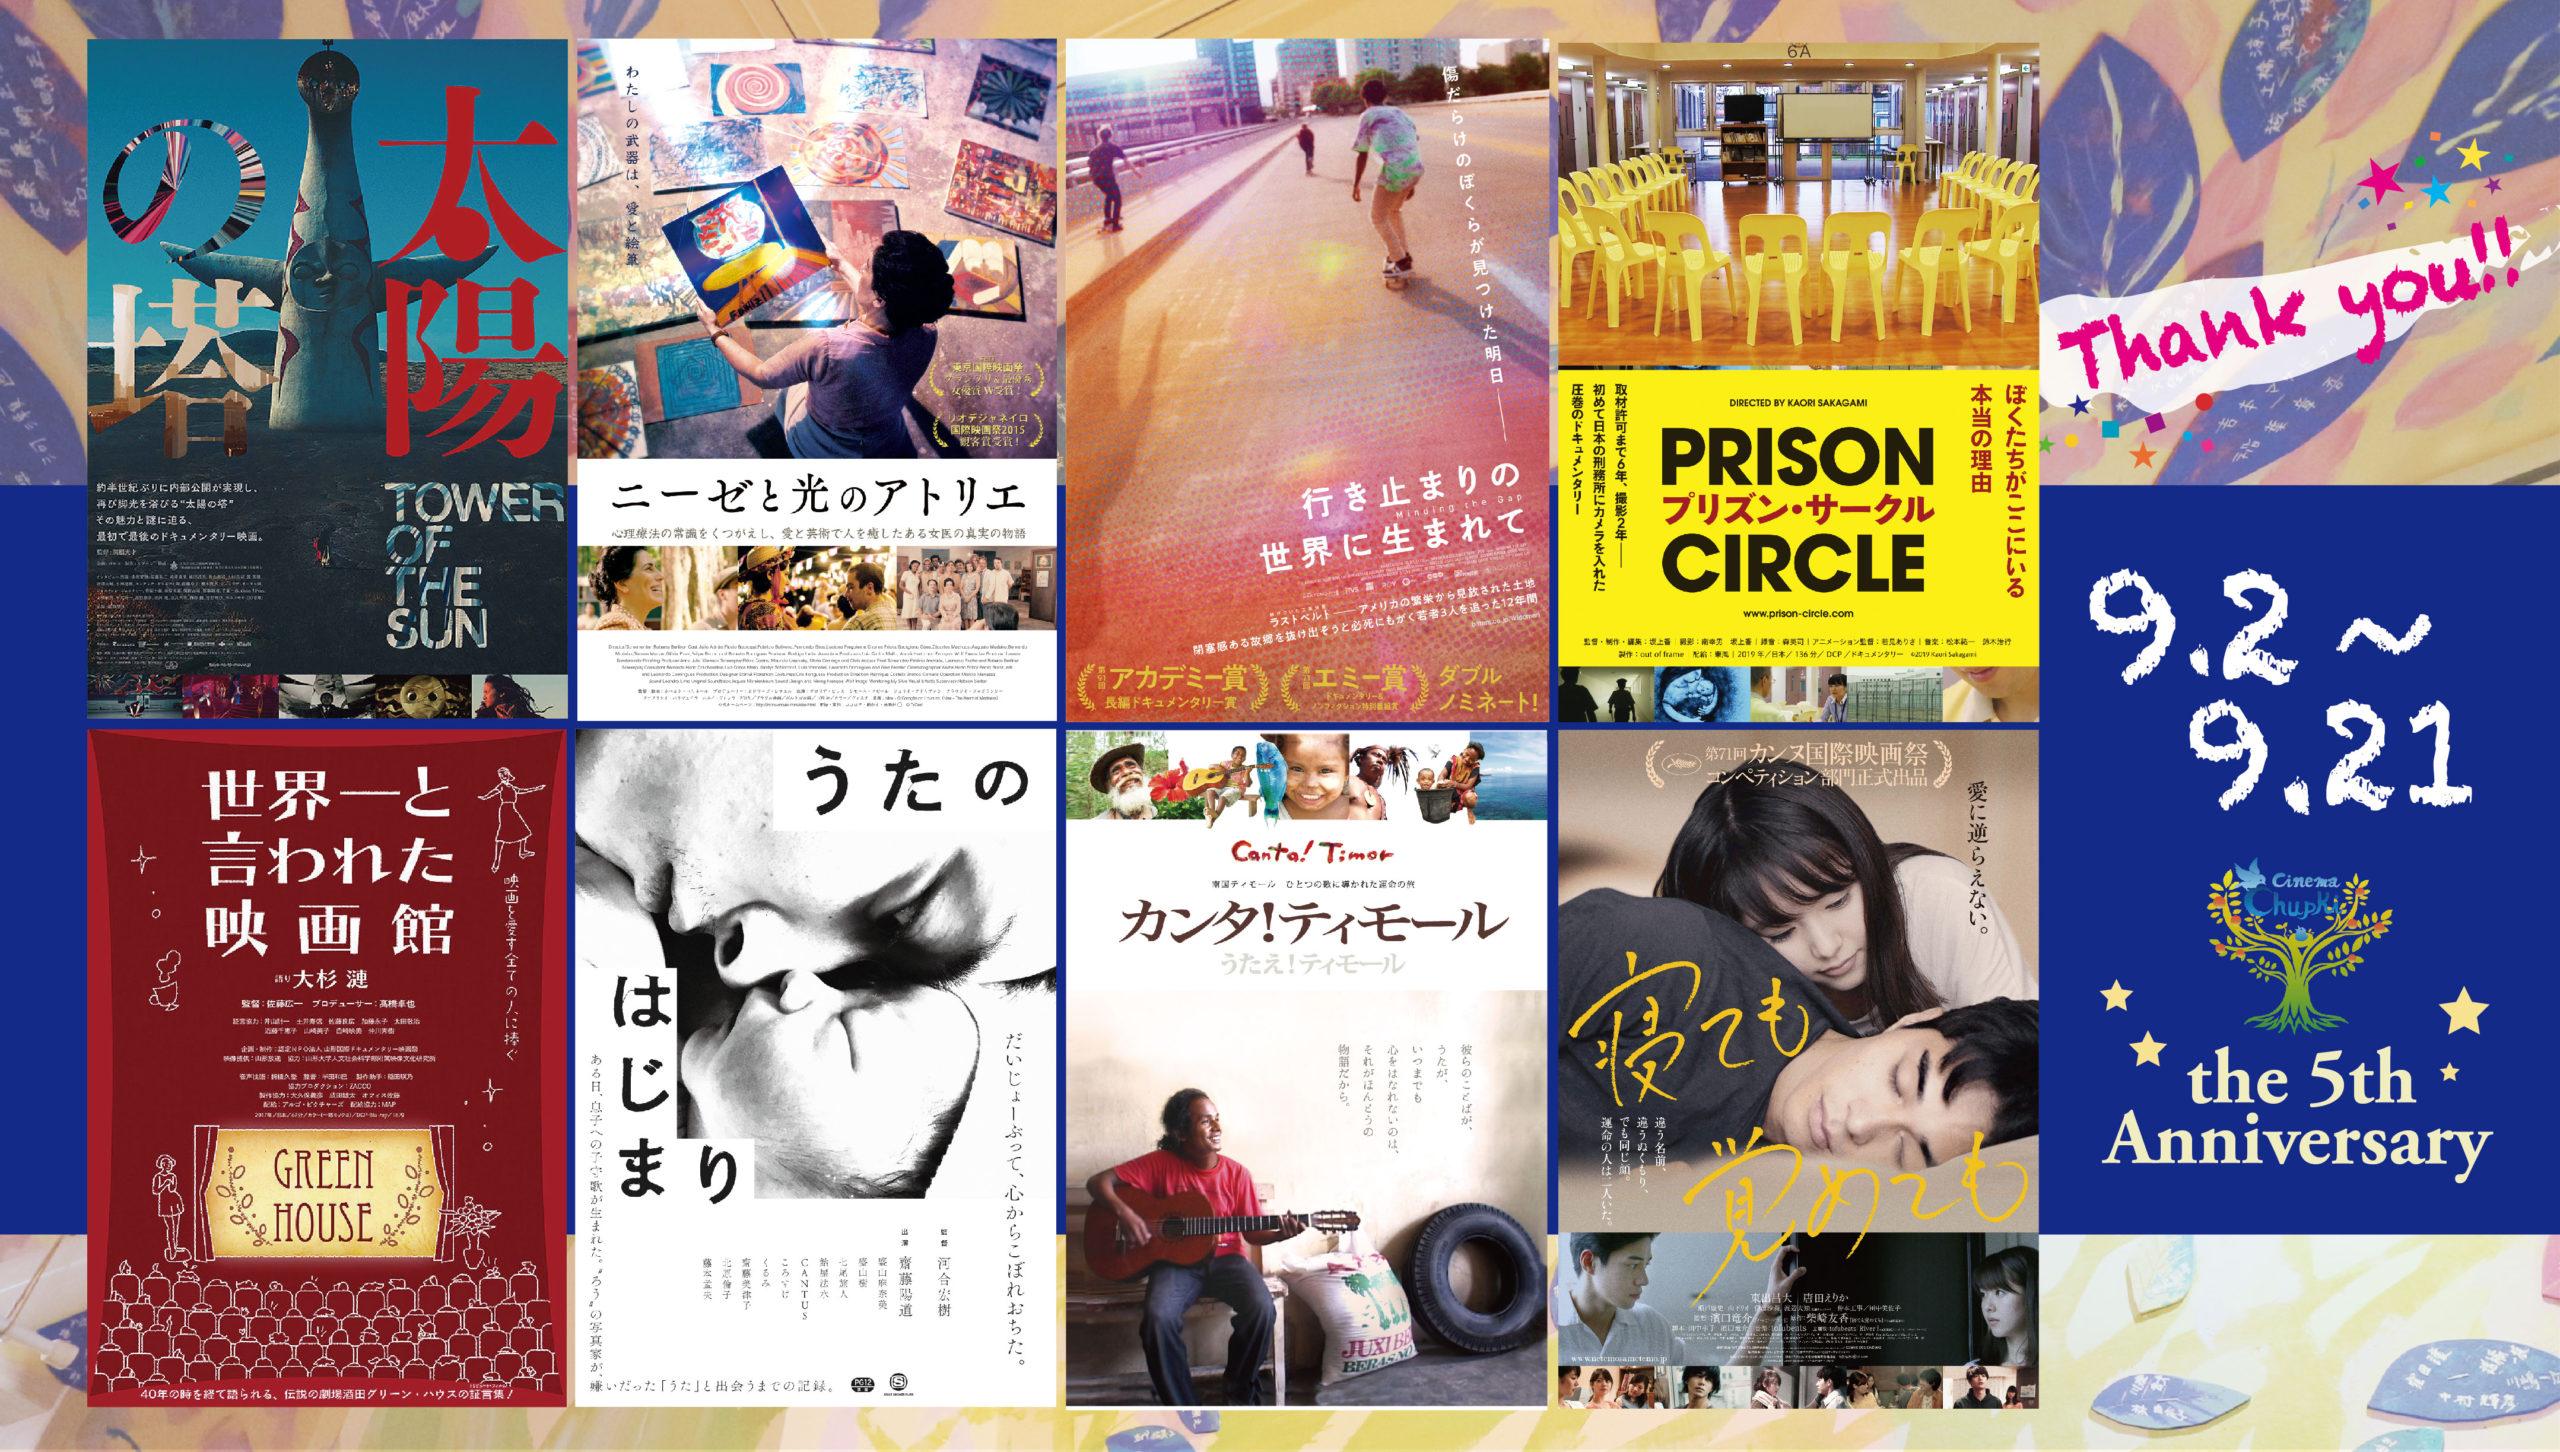 9月日〜21日までの上映作品